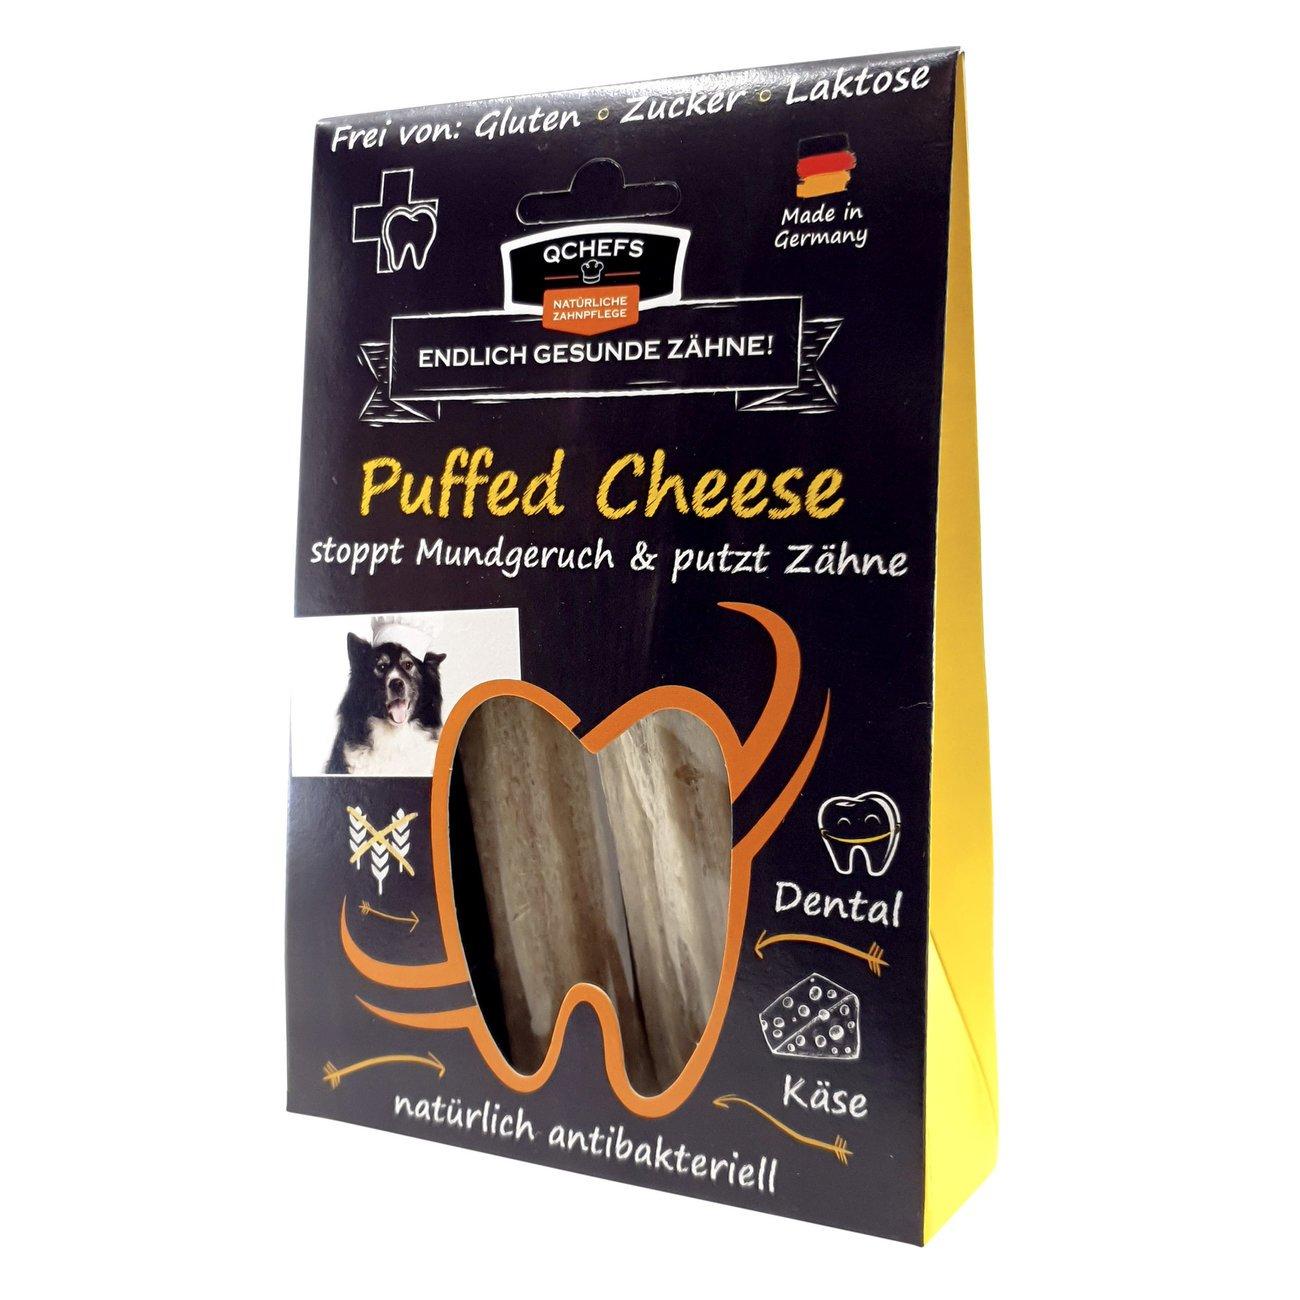 Qchefs Kauknochen Puffed Cheese, Bild 5